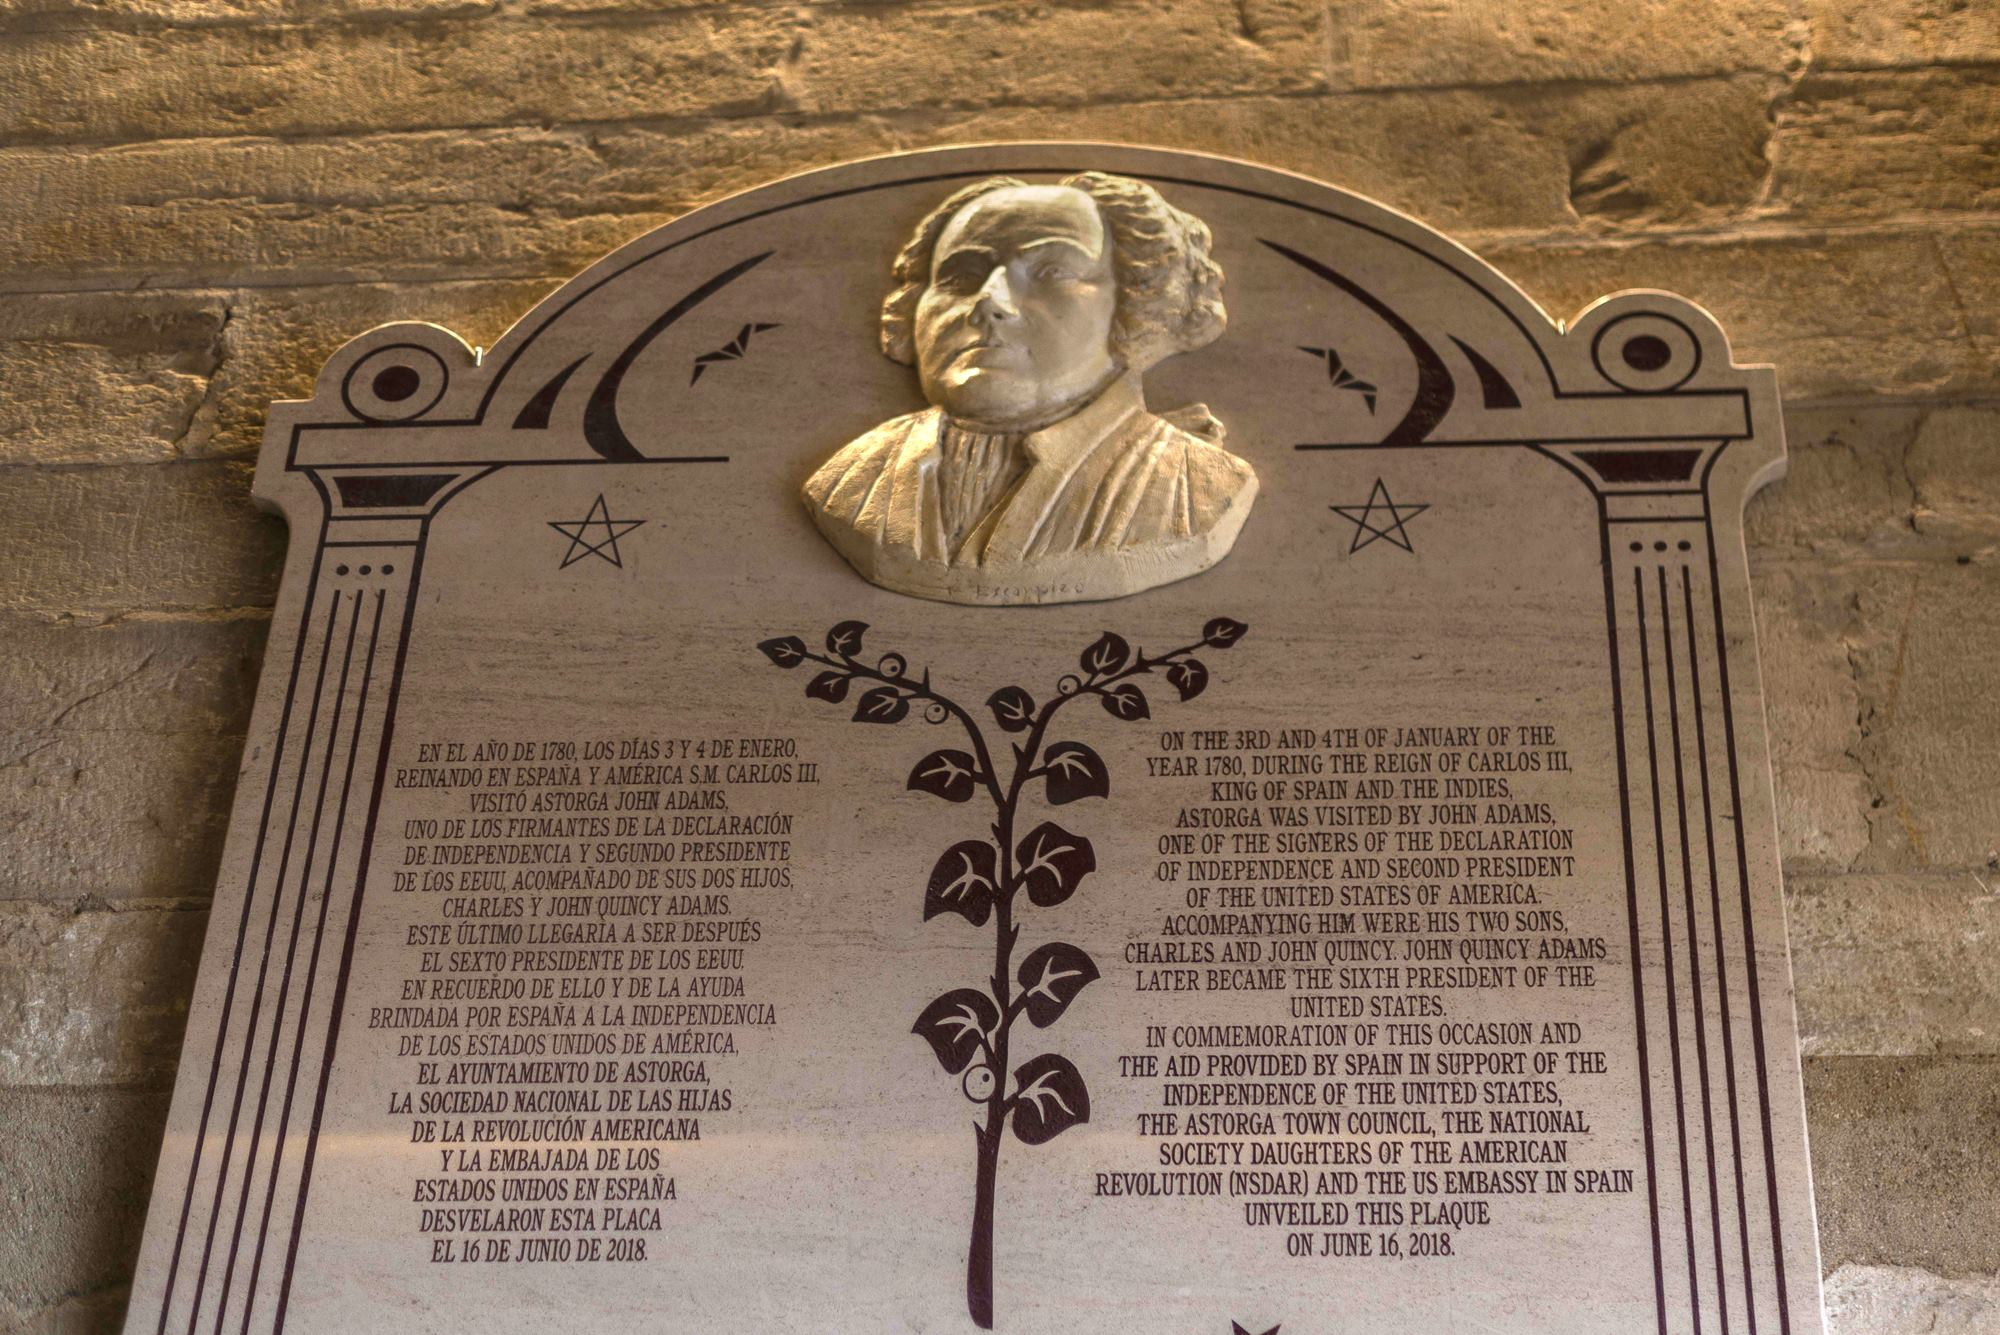 Placa dedicada al segundo presidente de los Estados Unidos.